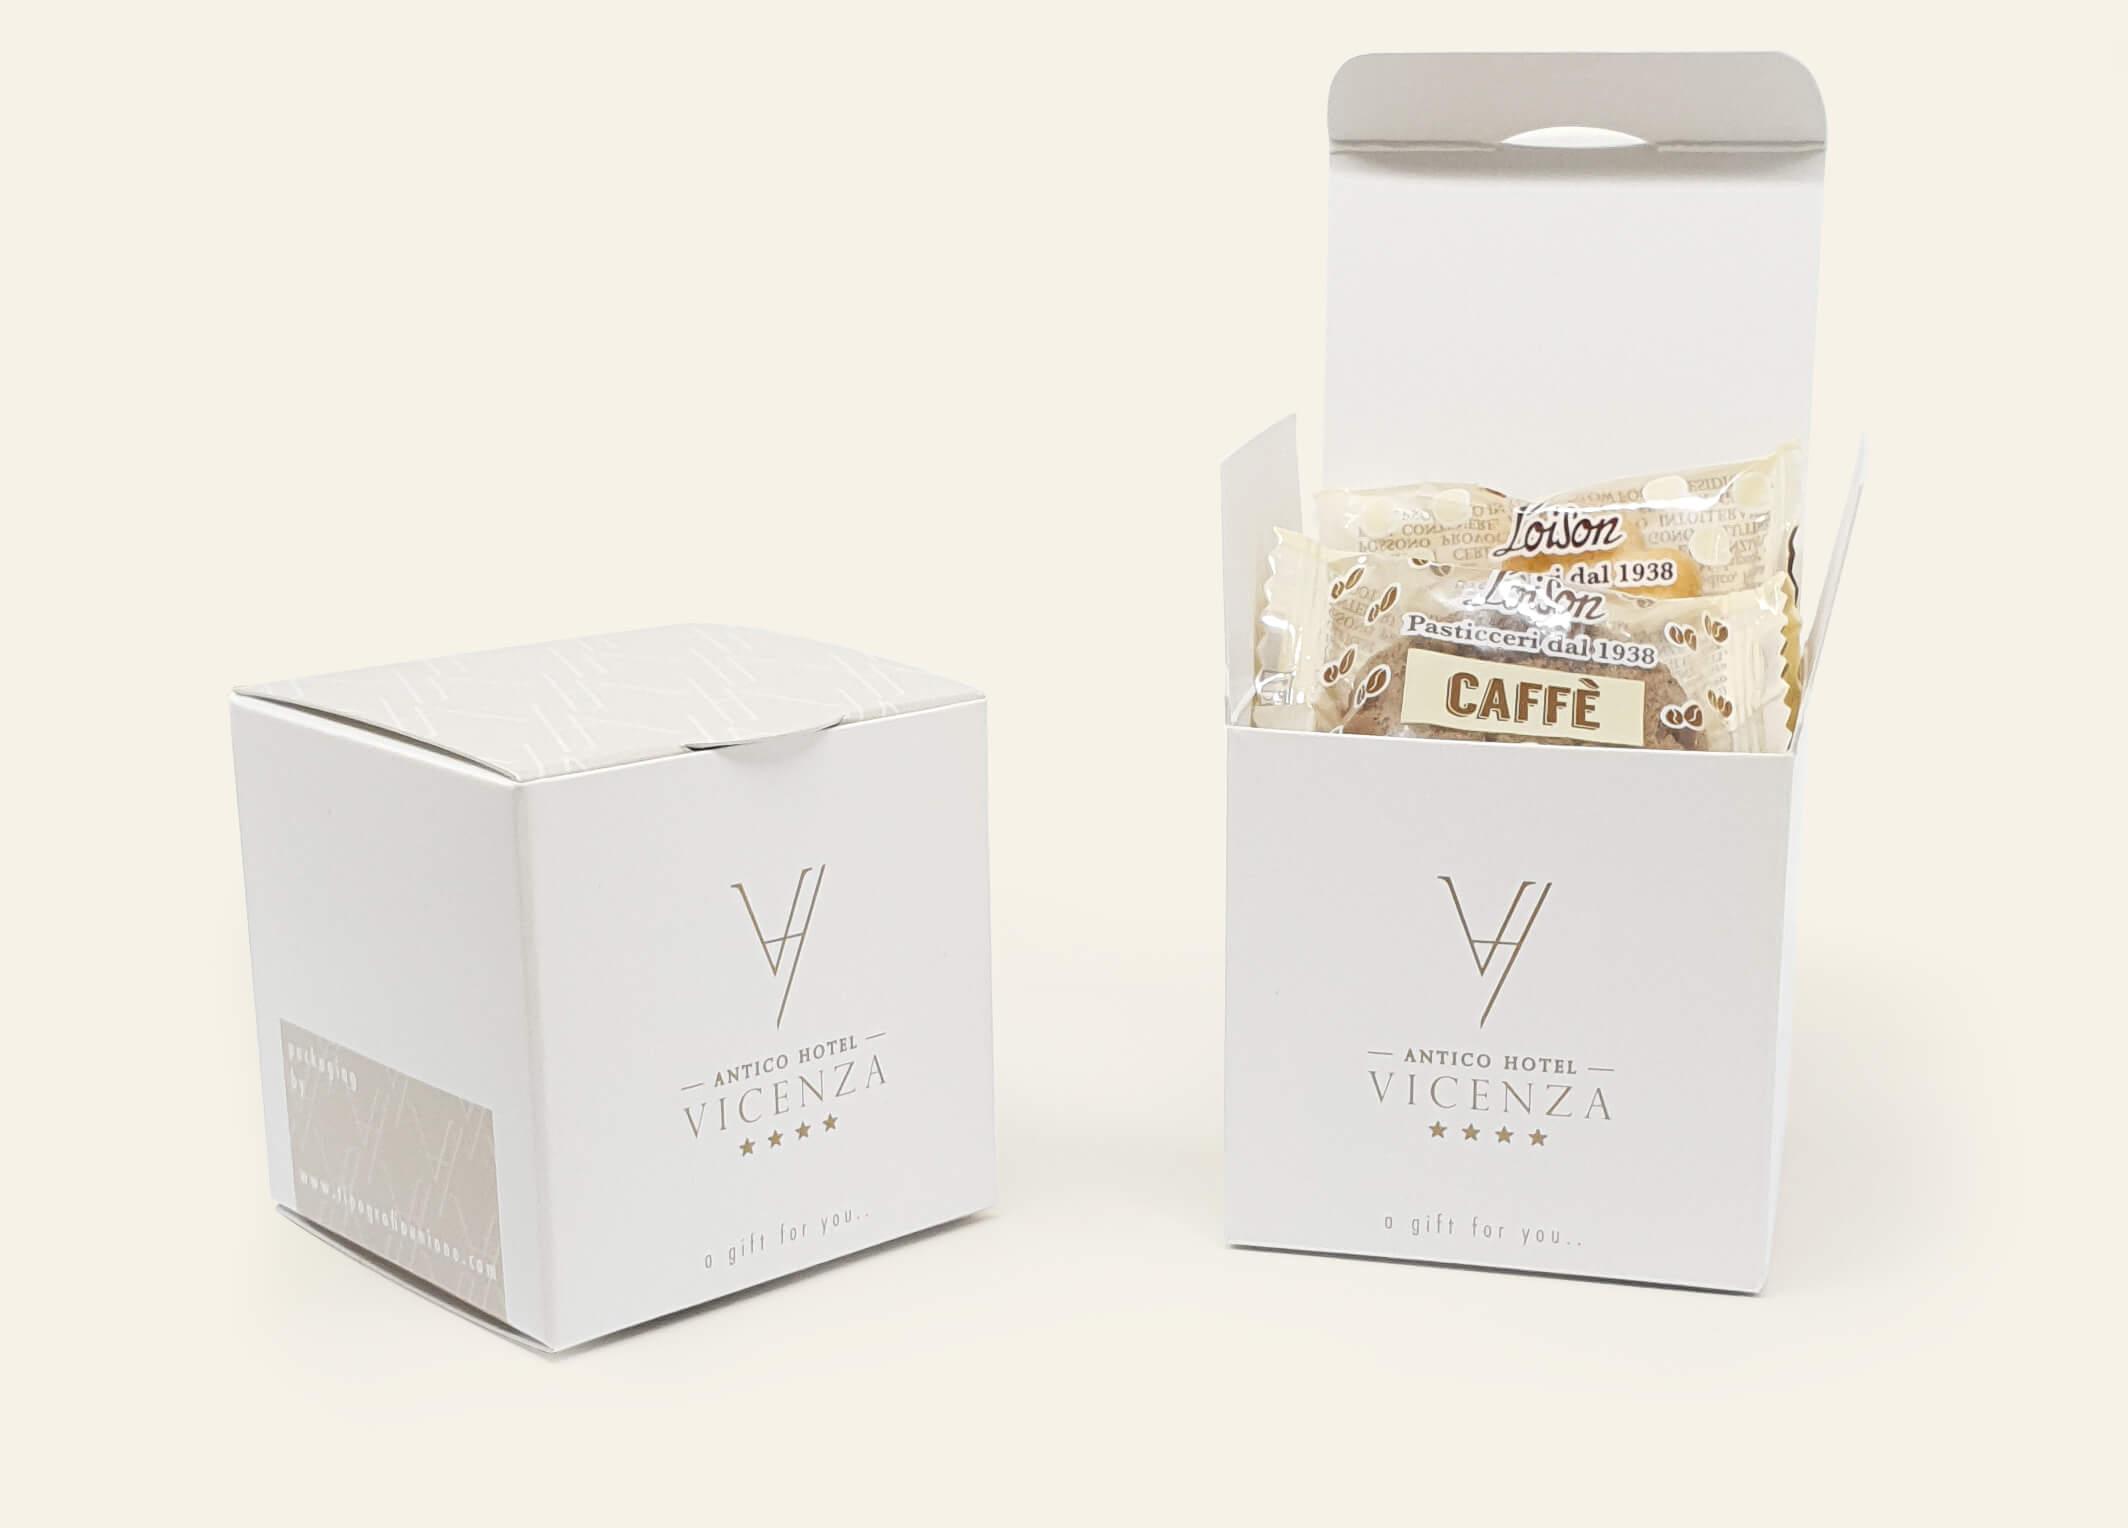 confezioni biscotti personalizzate antico hotel vicenza